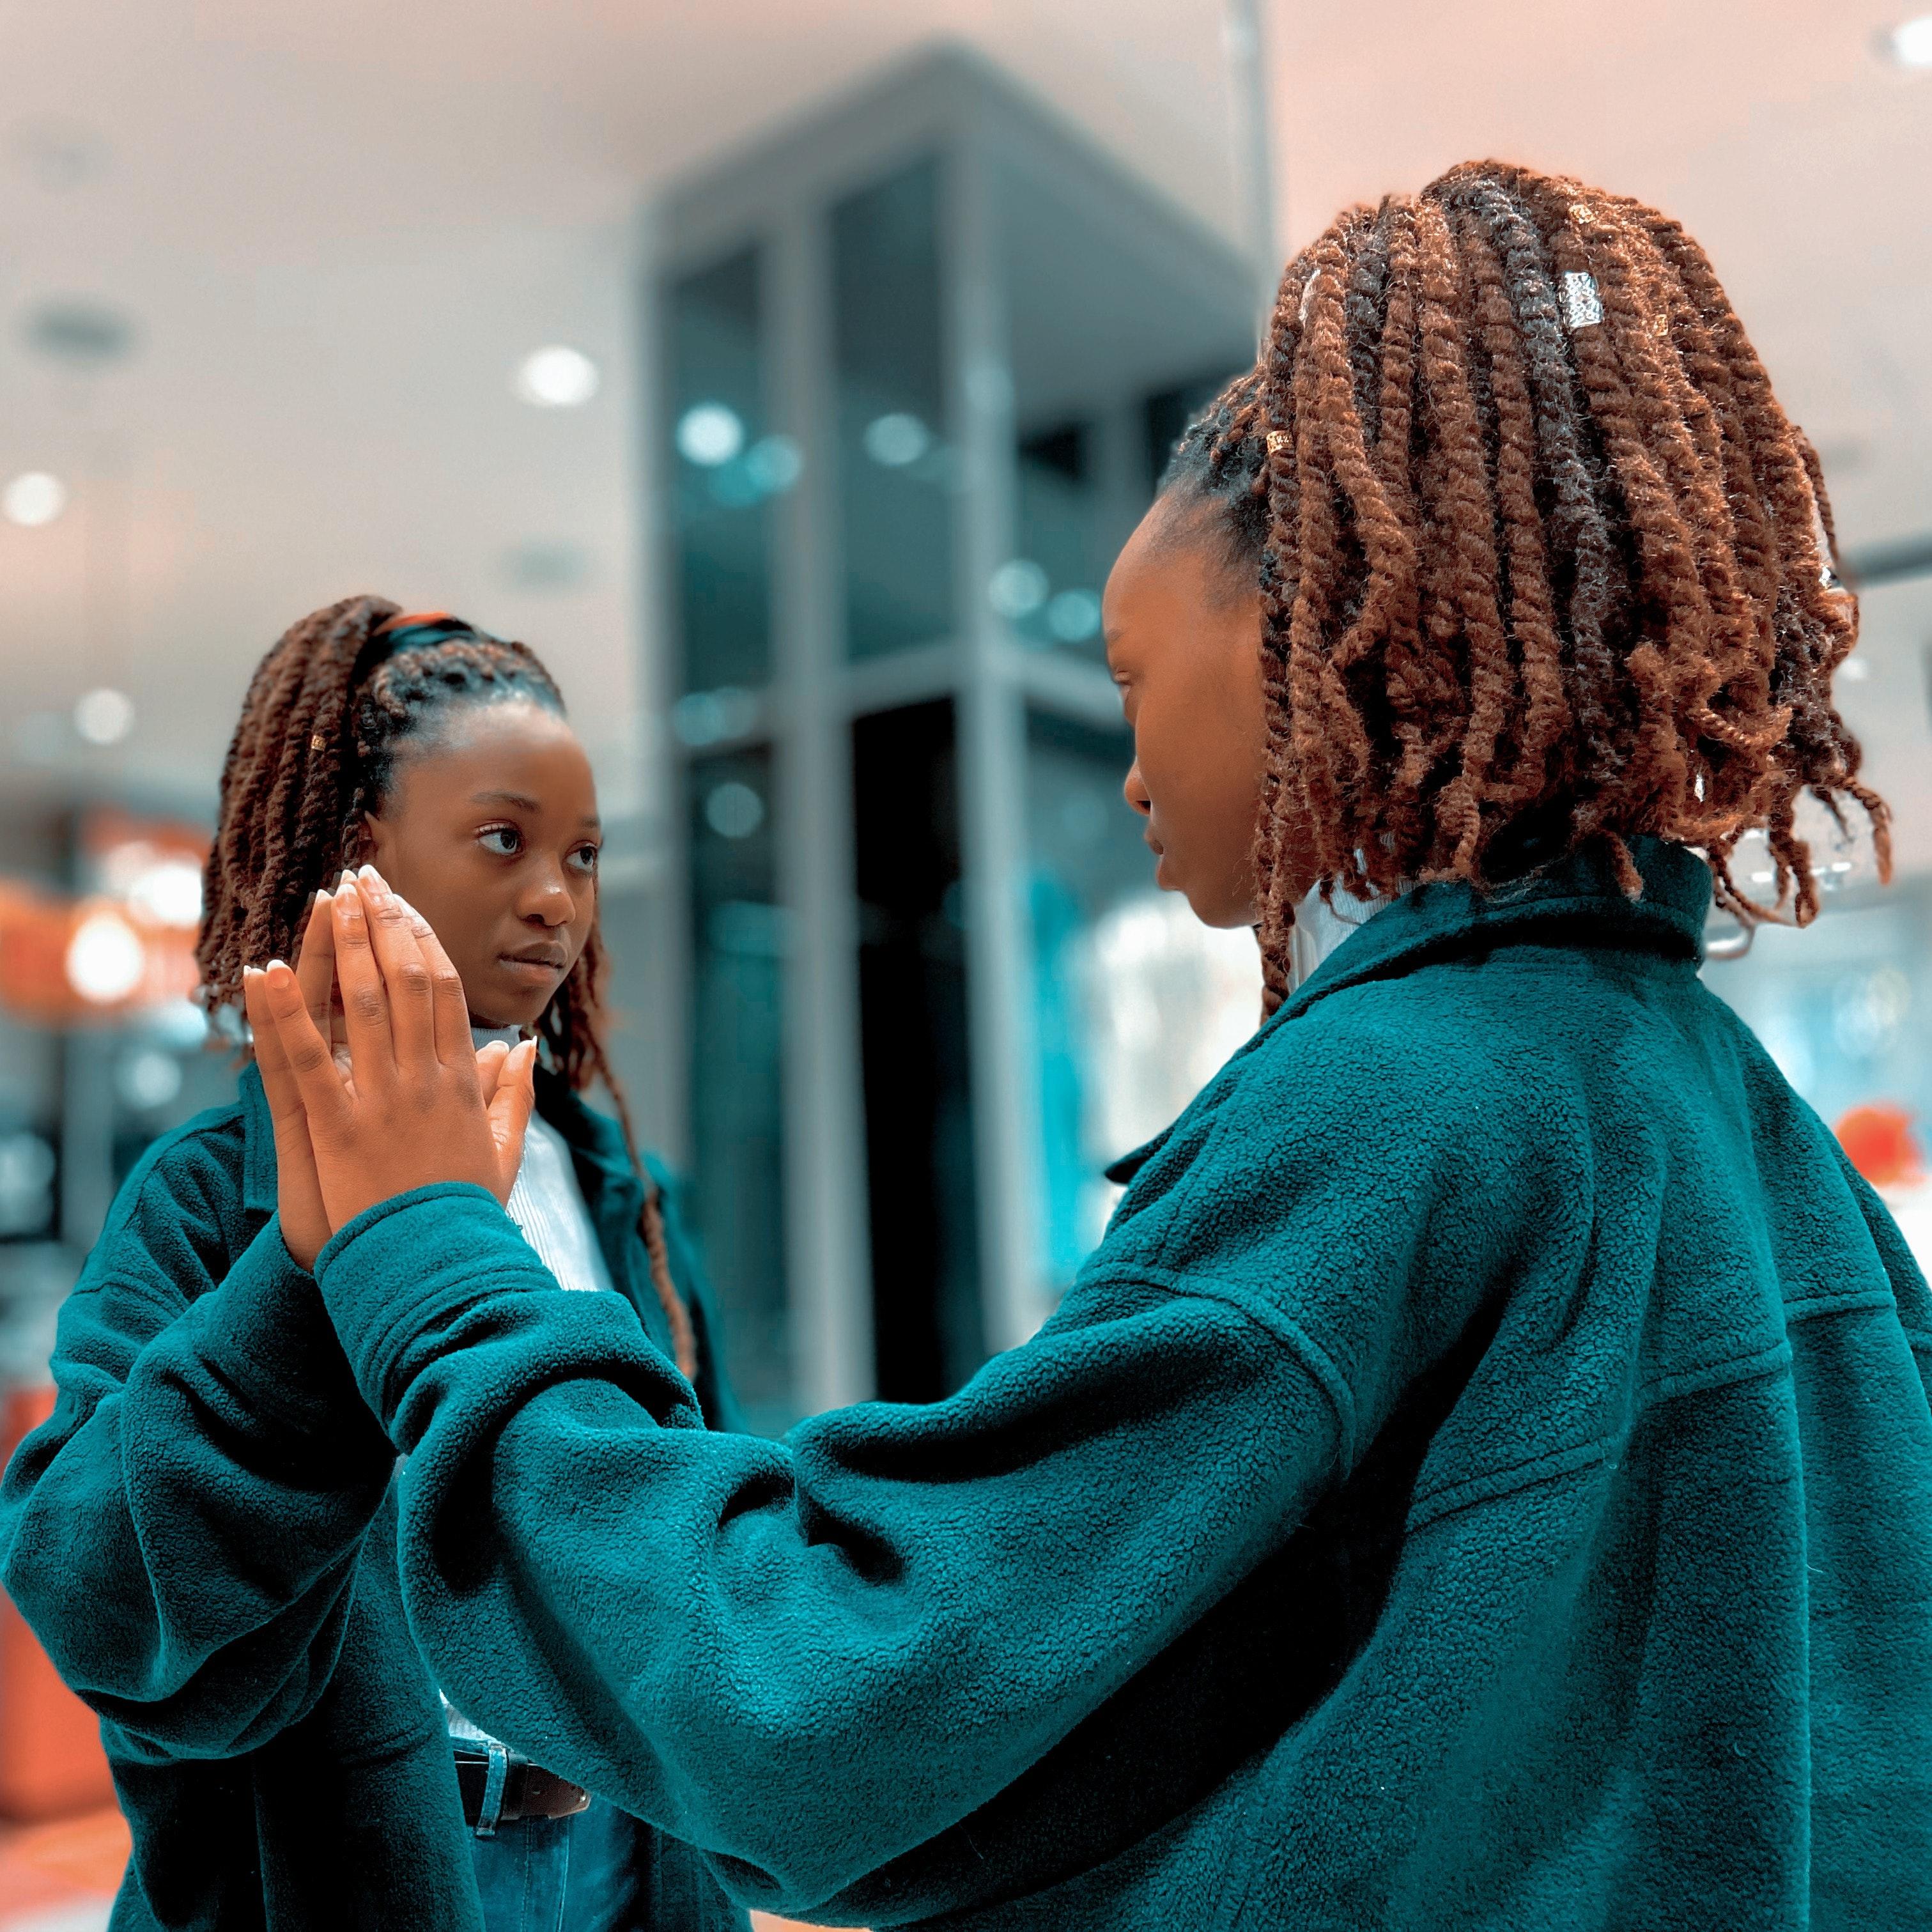 Diversité miroir reflect de soi même